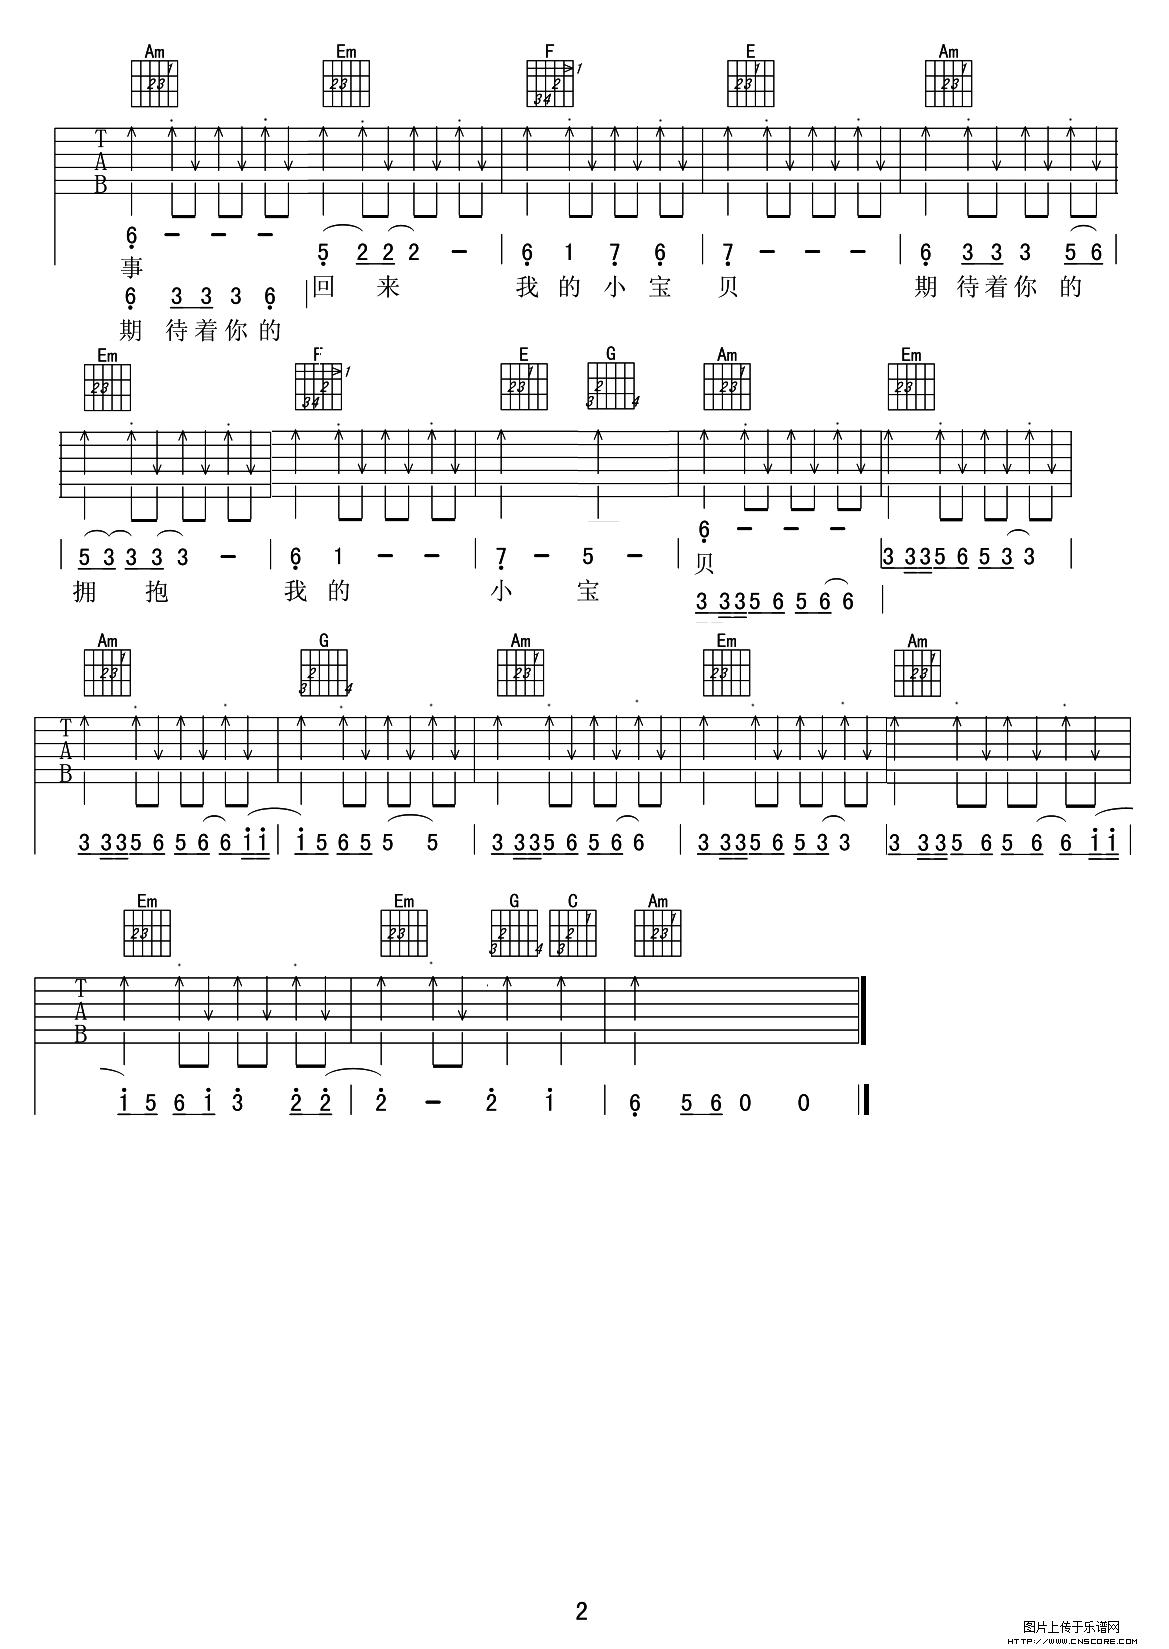 小宝贝吉他谱图片格式六线谱-明明简谱网